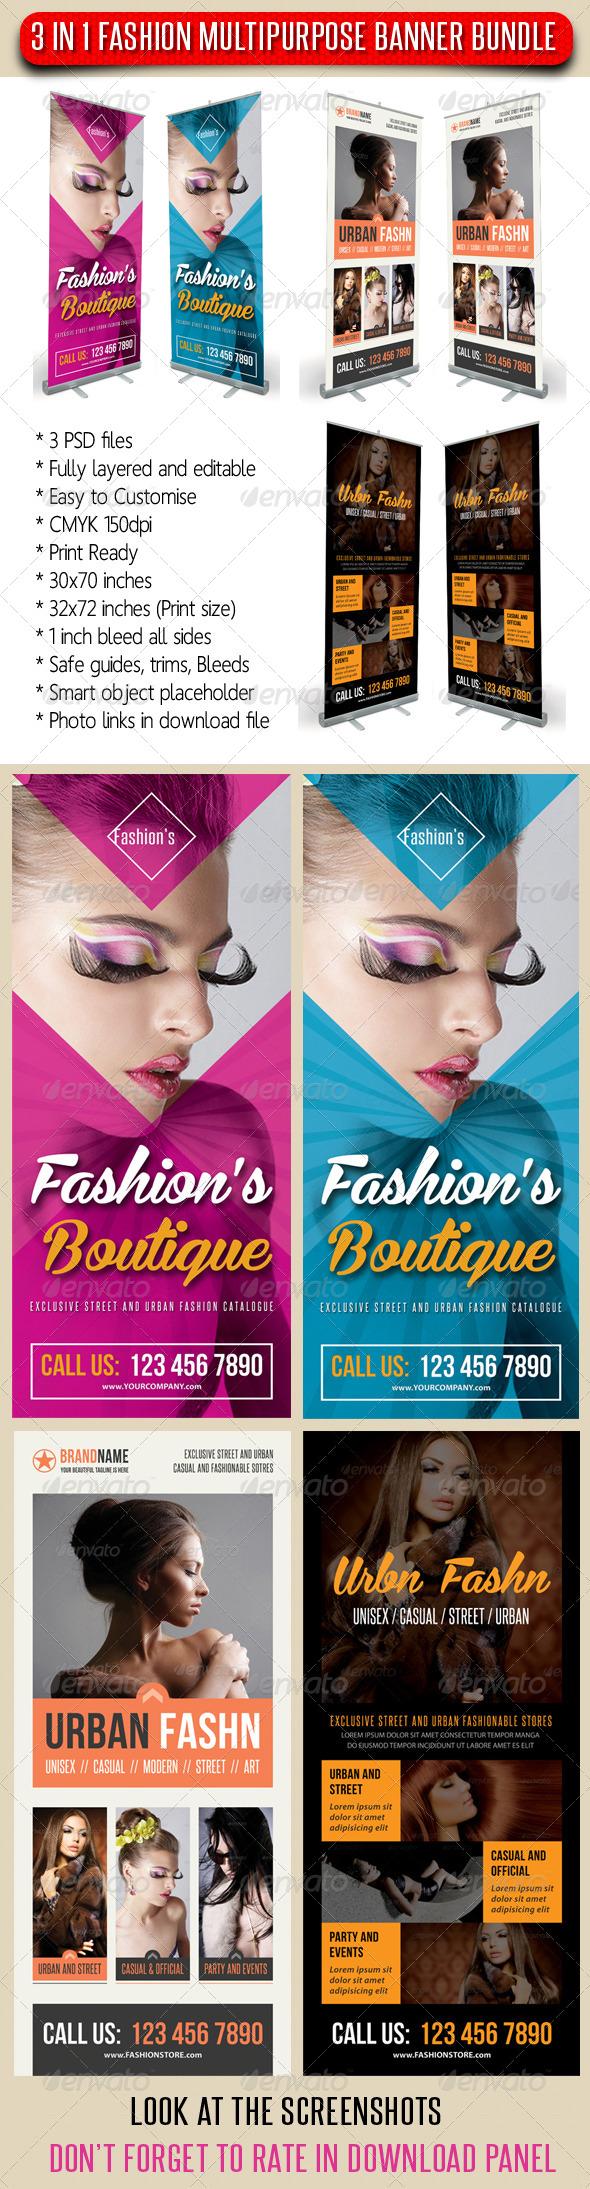 GraphicRiver 3 in 1 Fashion Multipurpose Banner Bundle 10 7440109